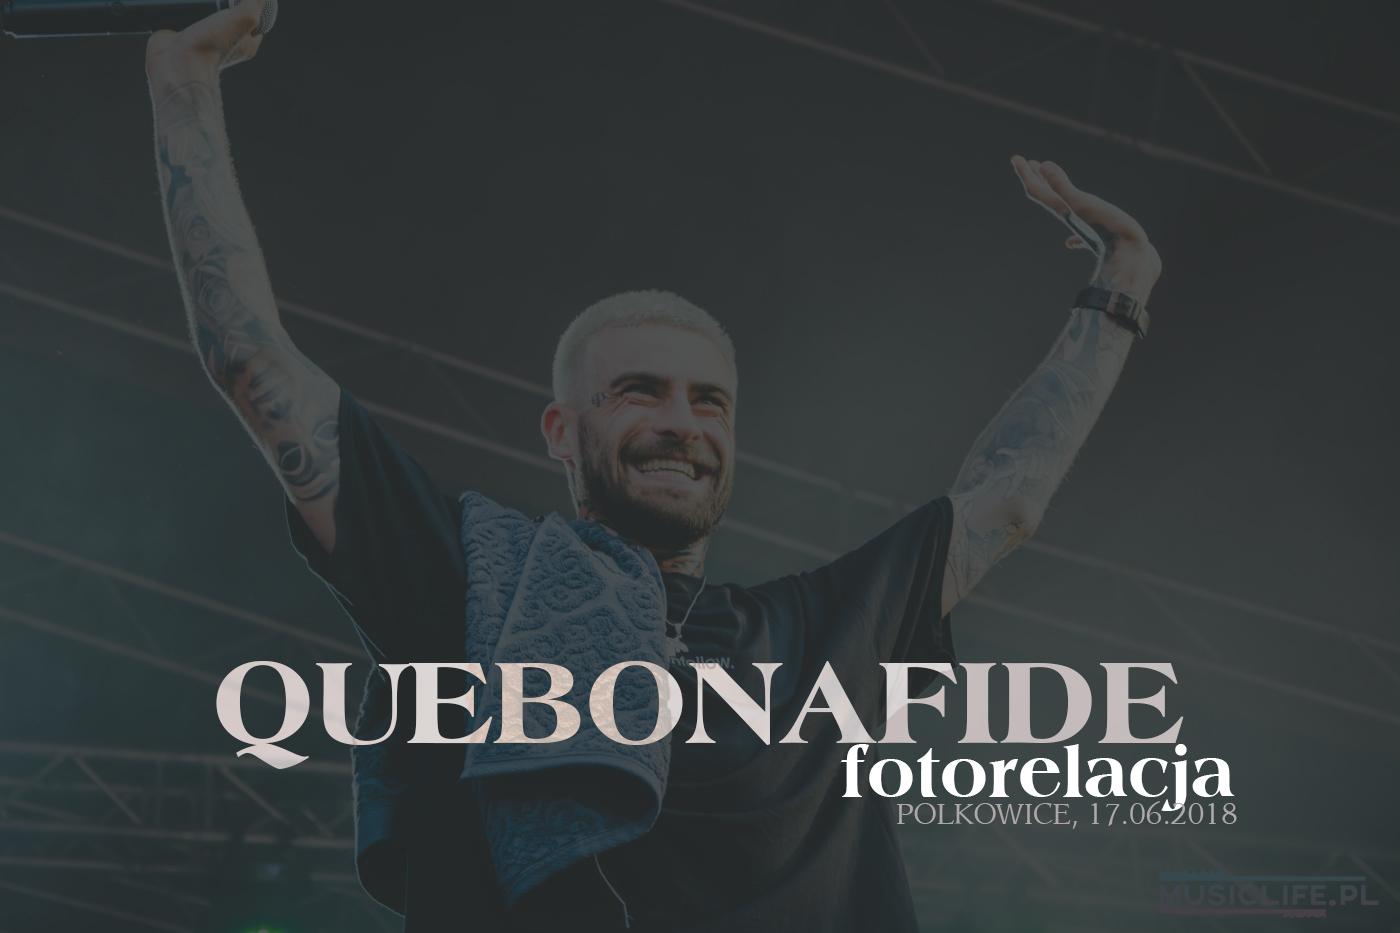 FOTORELACJA: Quebonafide na koncercie w Polkowicach! [17.06]